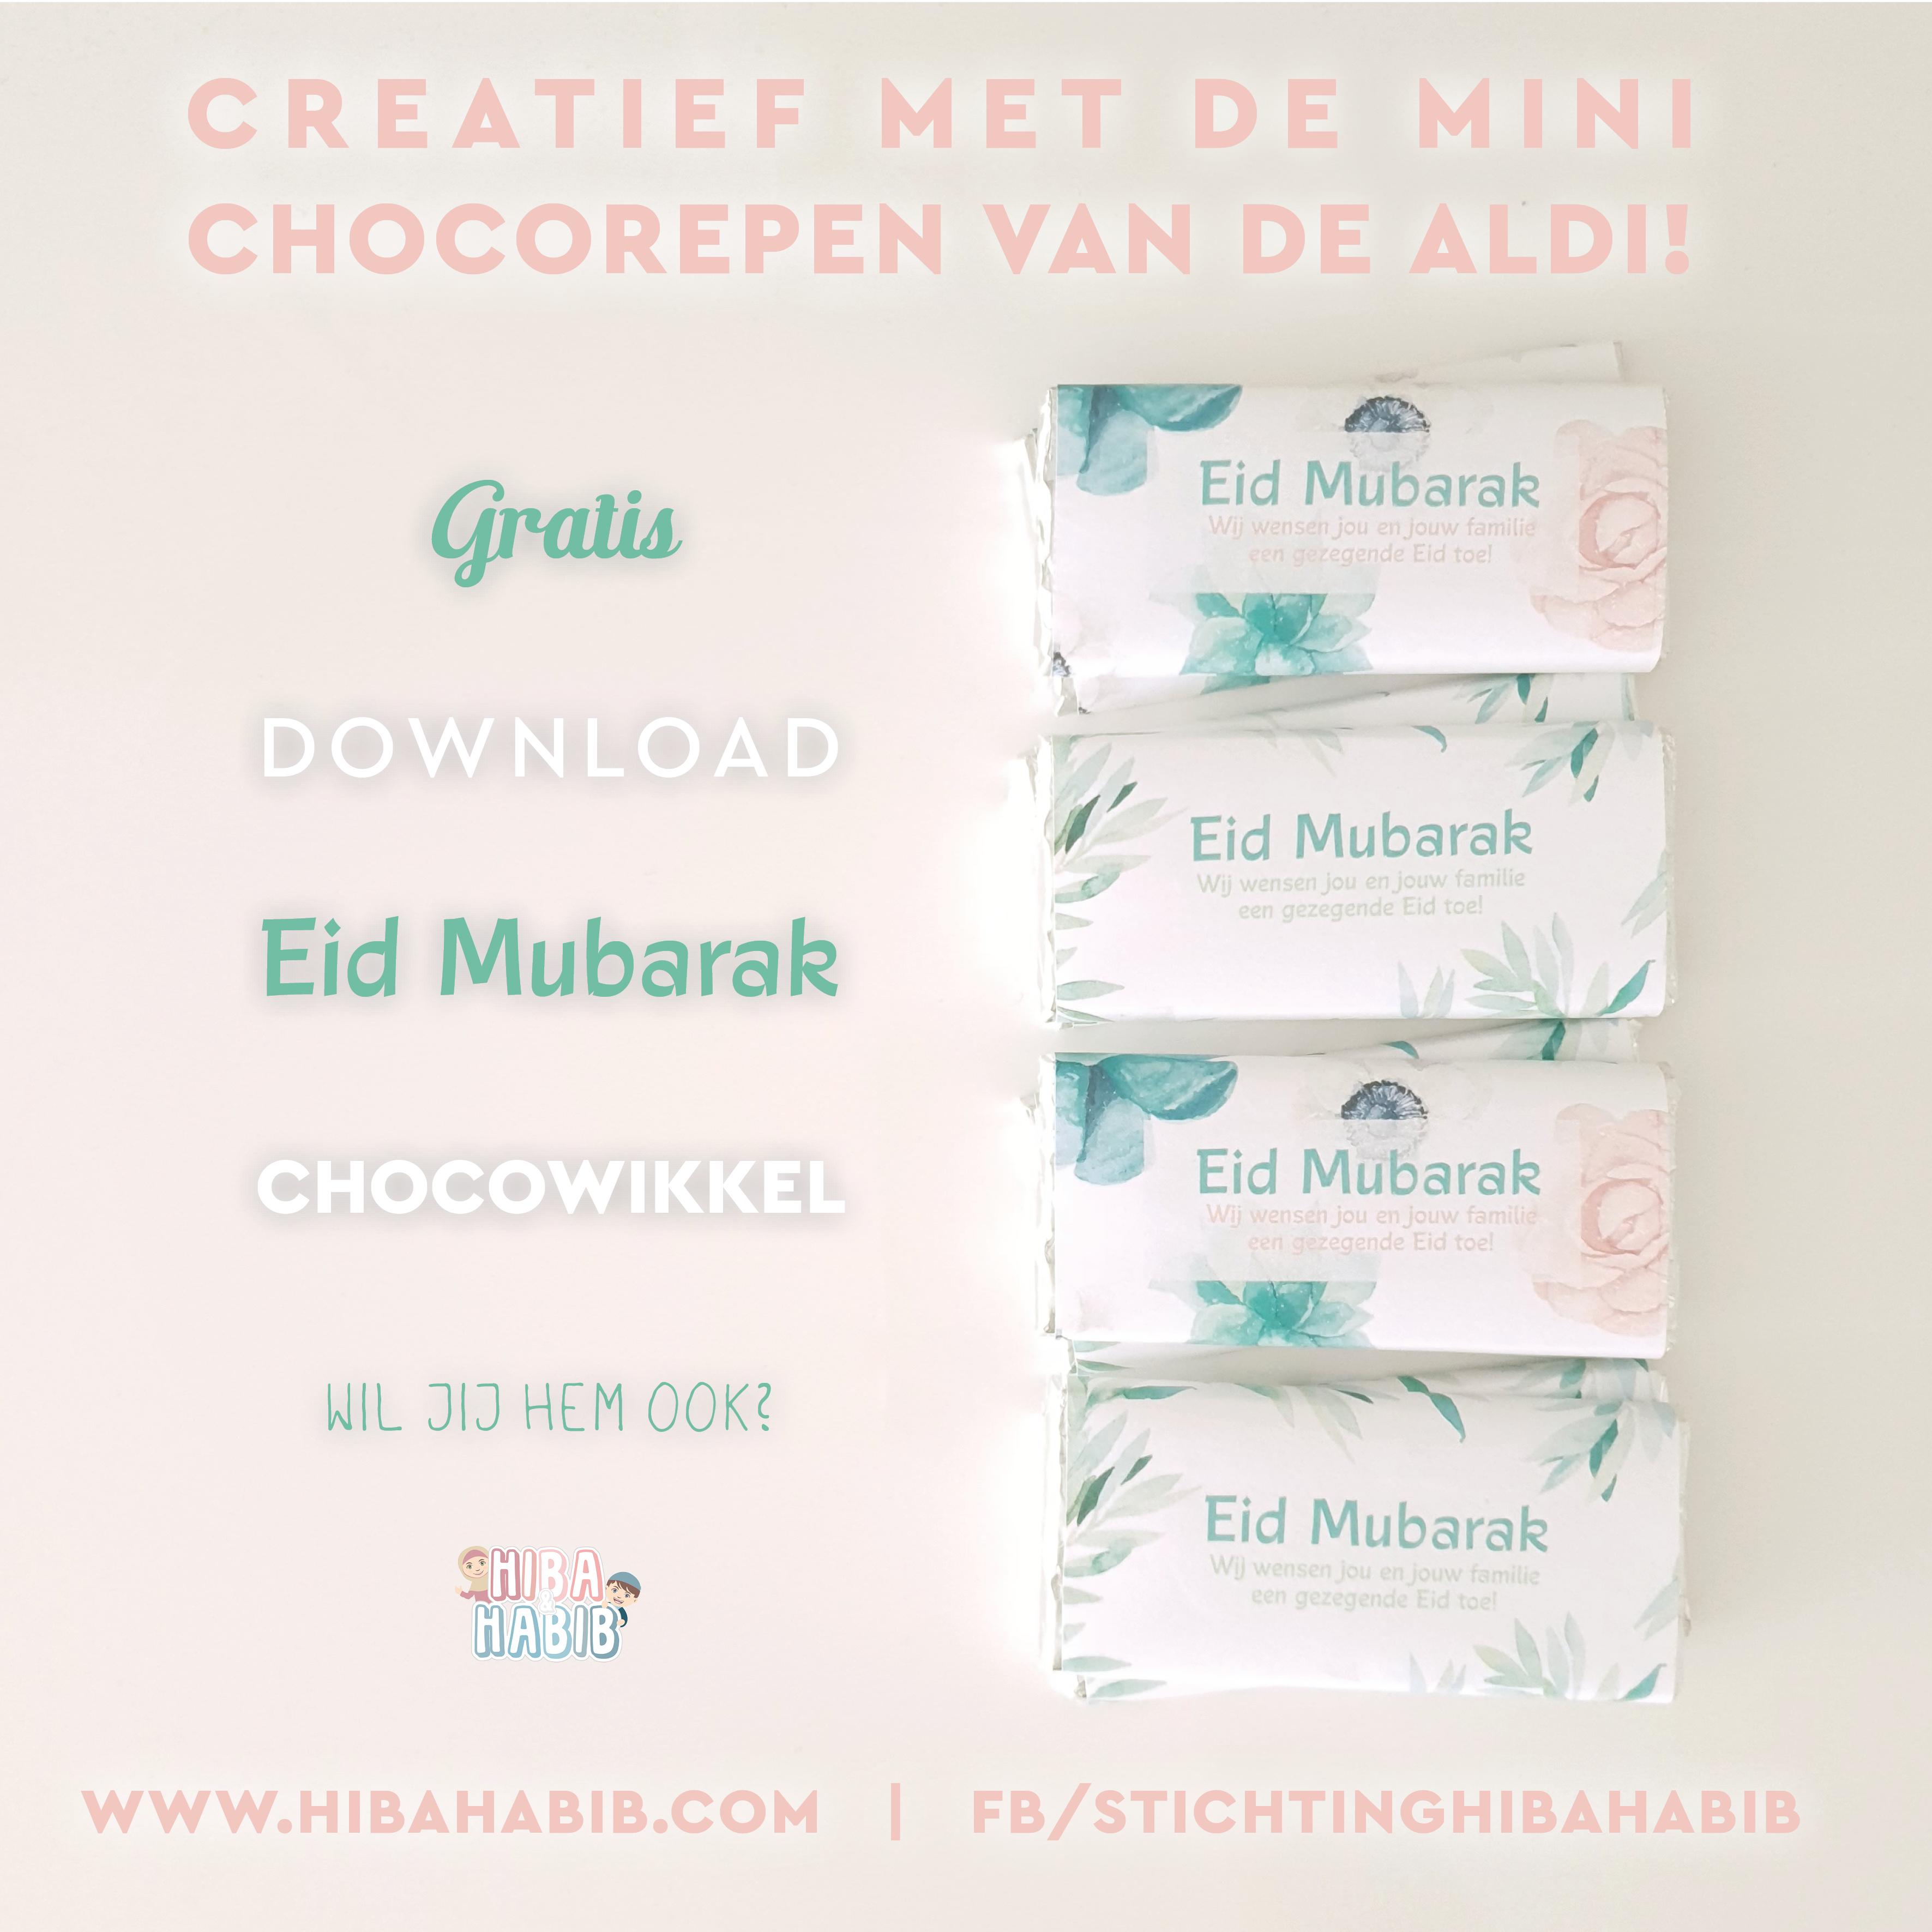 Eid Mubarak chocowikkel (ALDI)